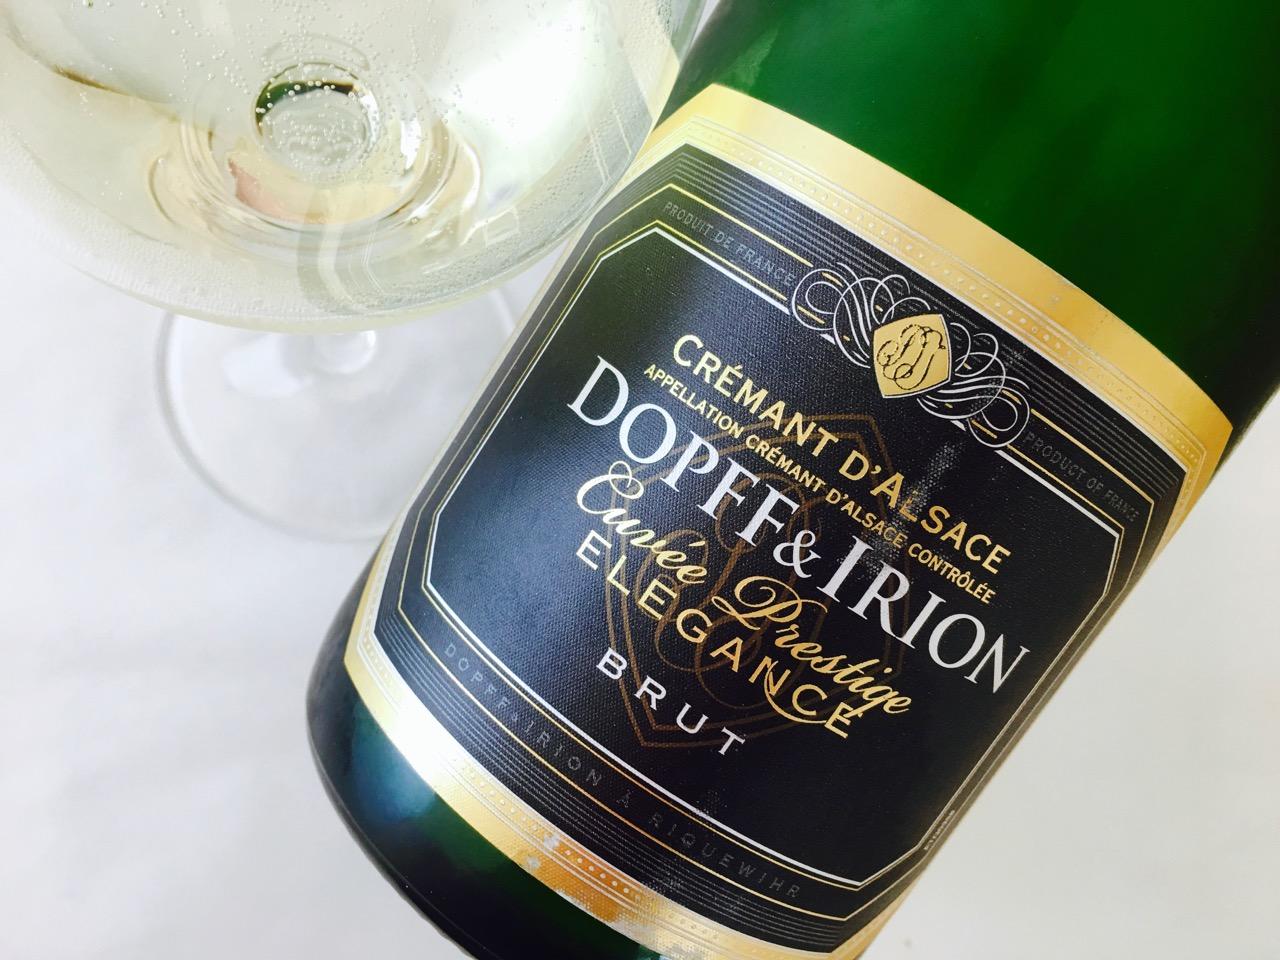 NV Dopff & Irion Cuvée Prestige Elegance Brut Crémant d'Alsace